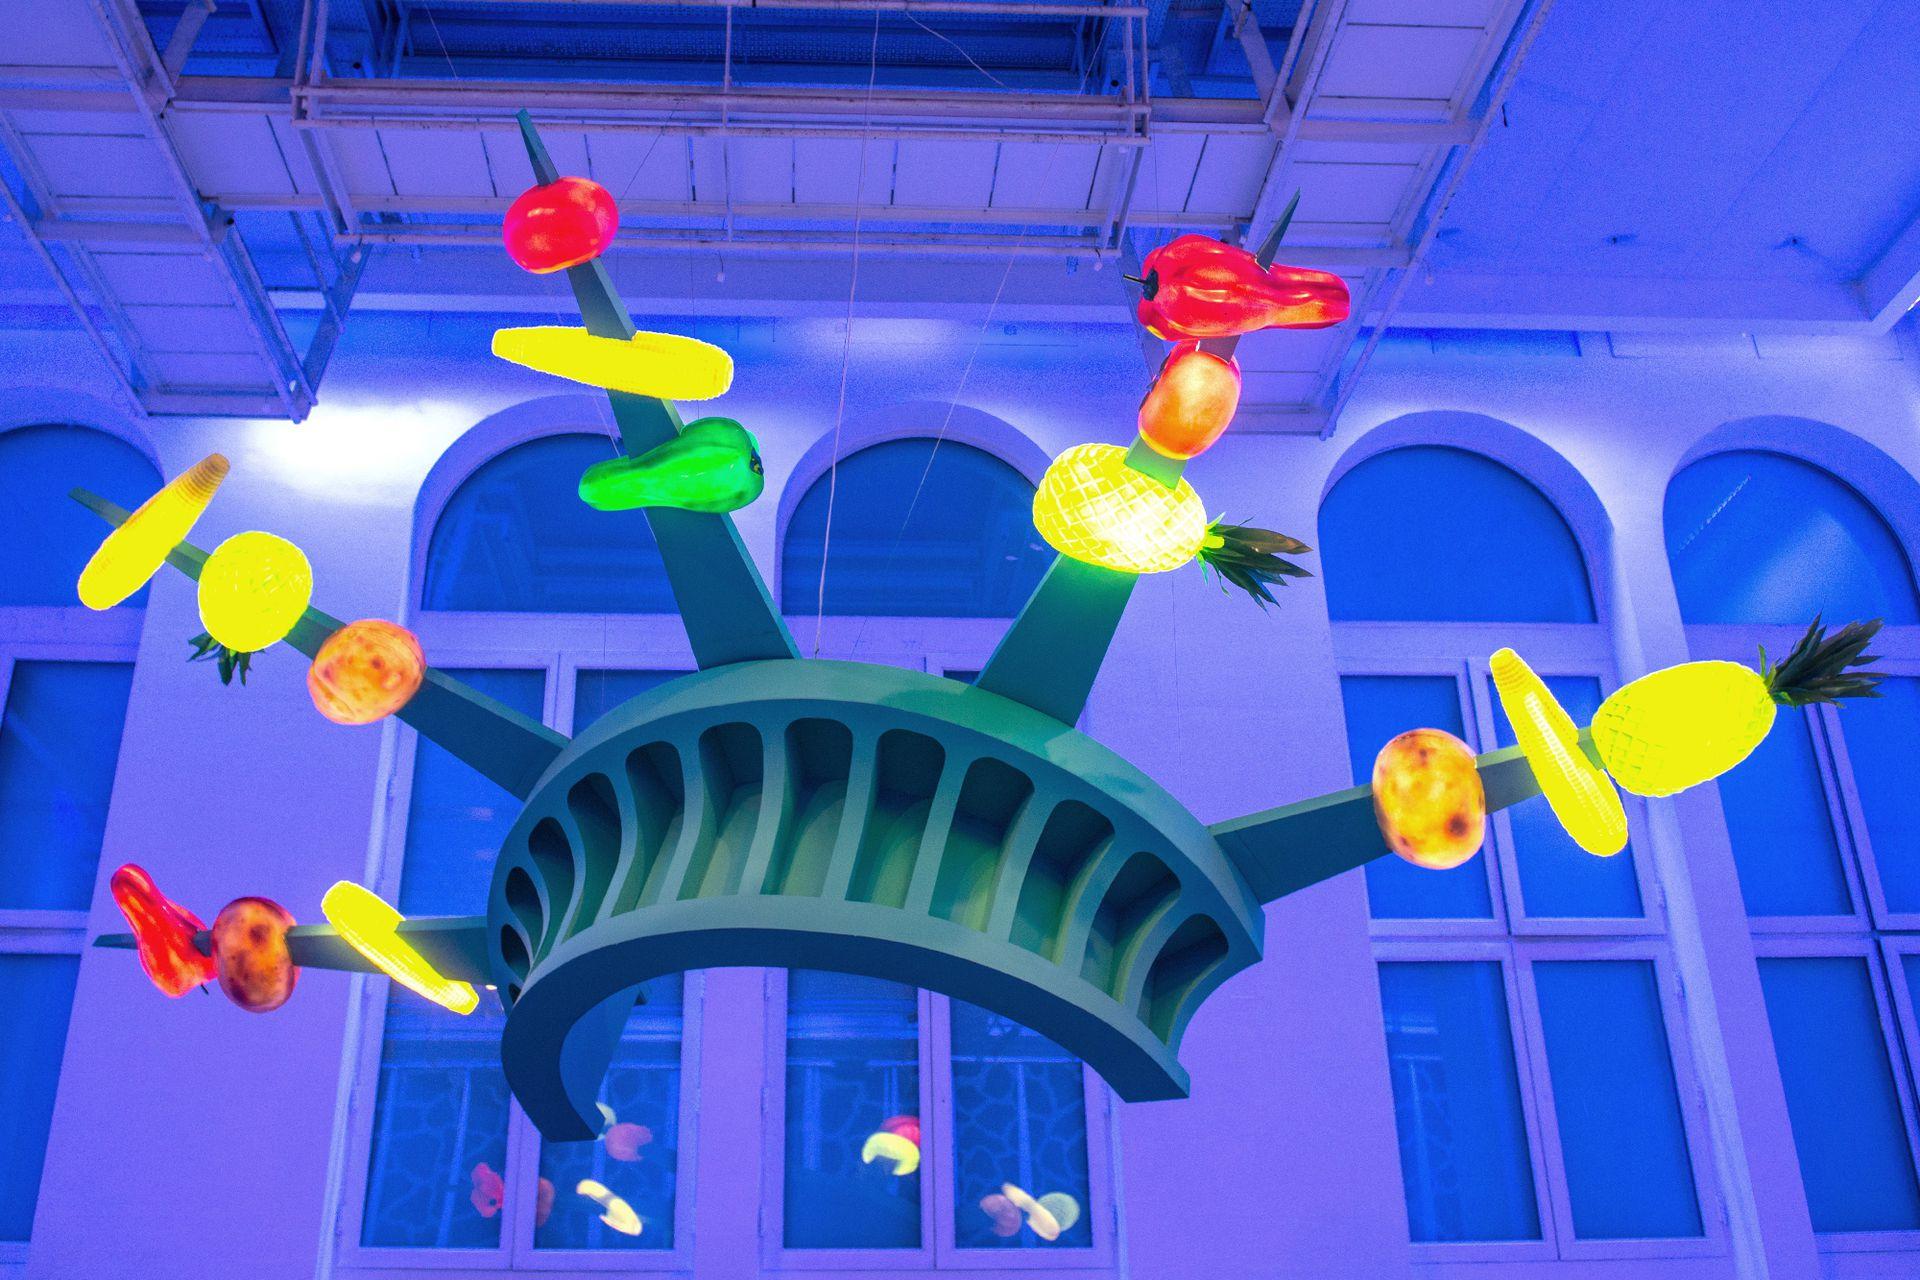 La reproducción de la corona de la Estatua de la Libertad de El Internacional, convertida en brochette, en el Faena Art Center